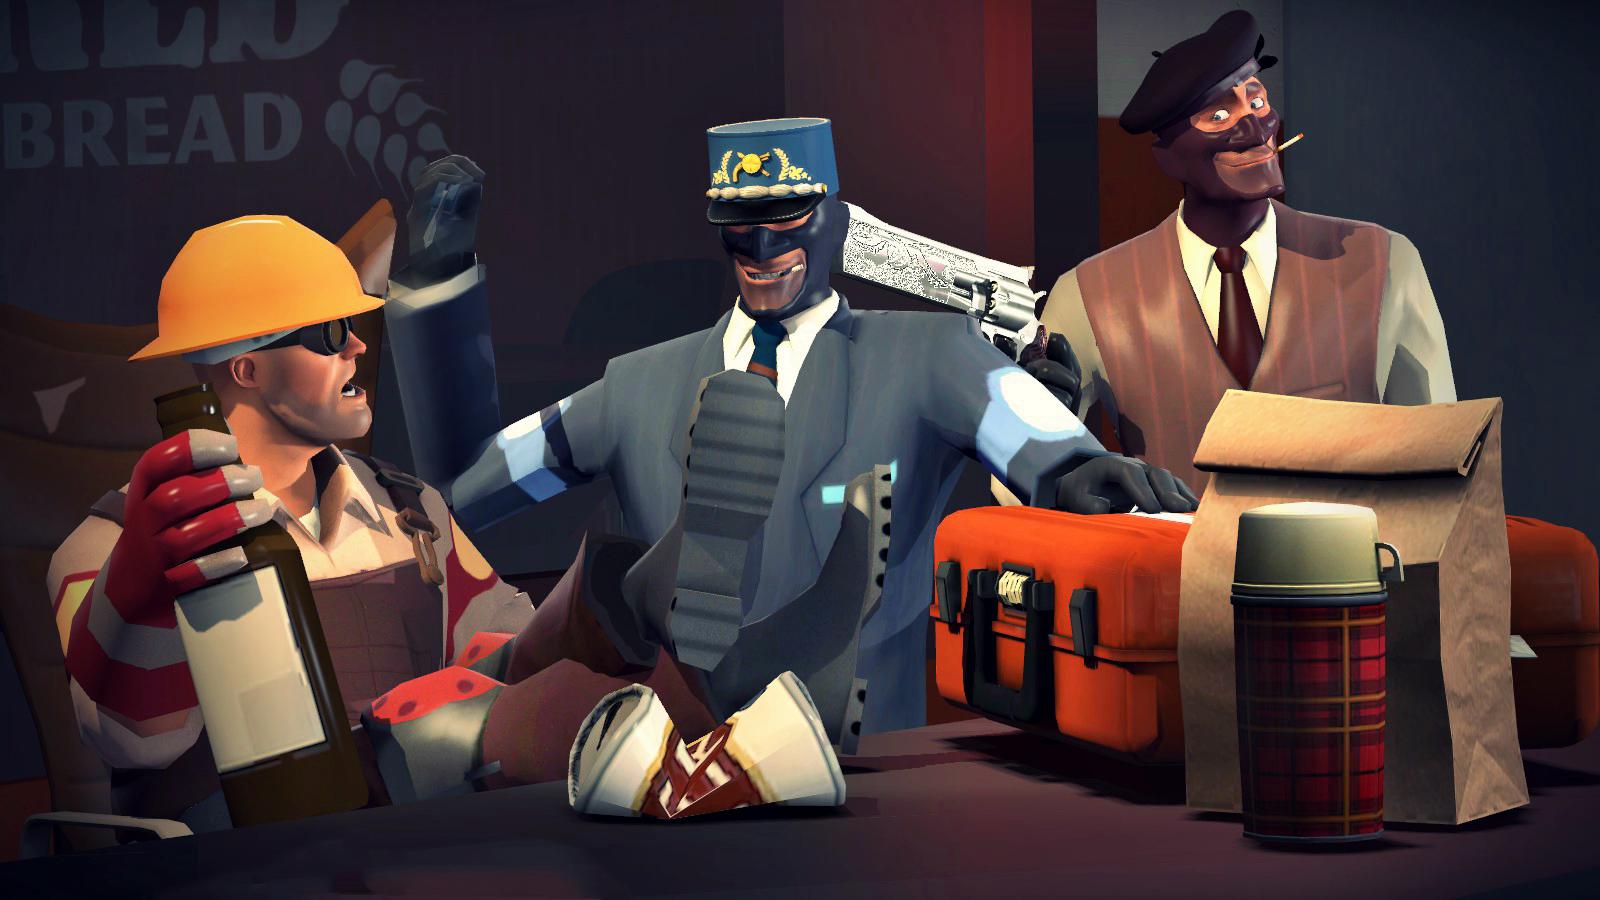 Spies by Robogineer